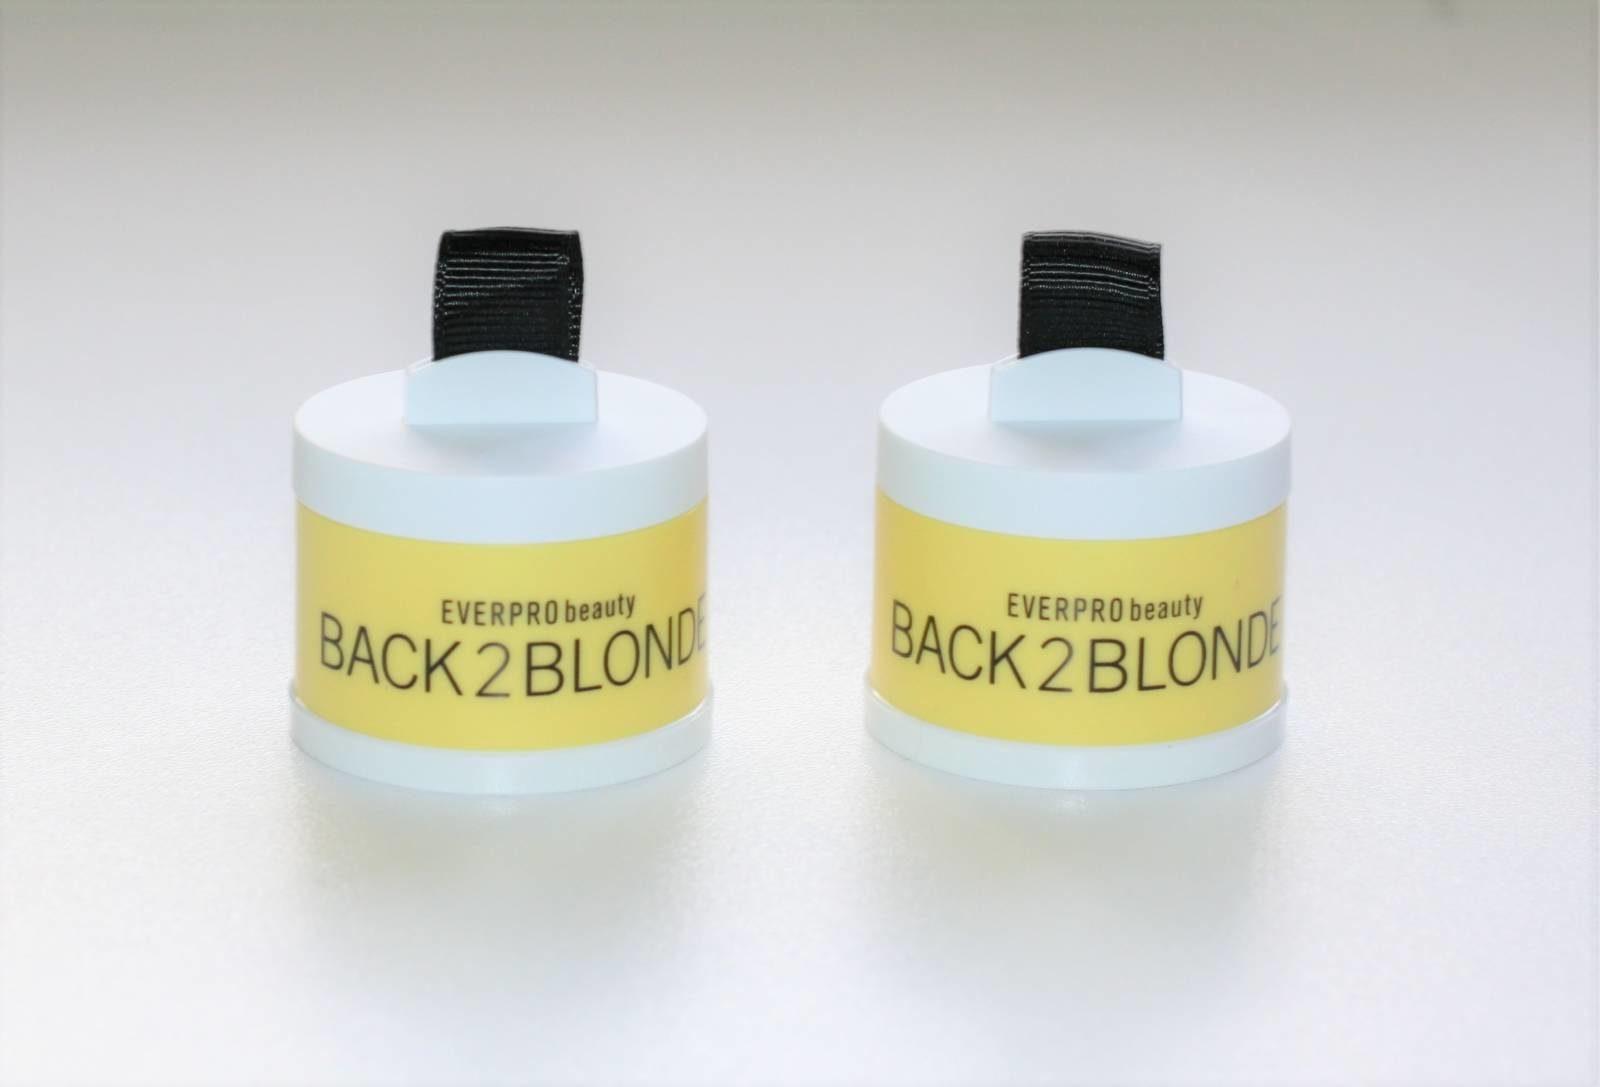 Everprobeauty Back2Blonde Root Concealers Magnetic Powders